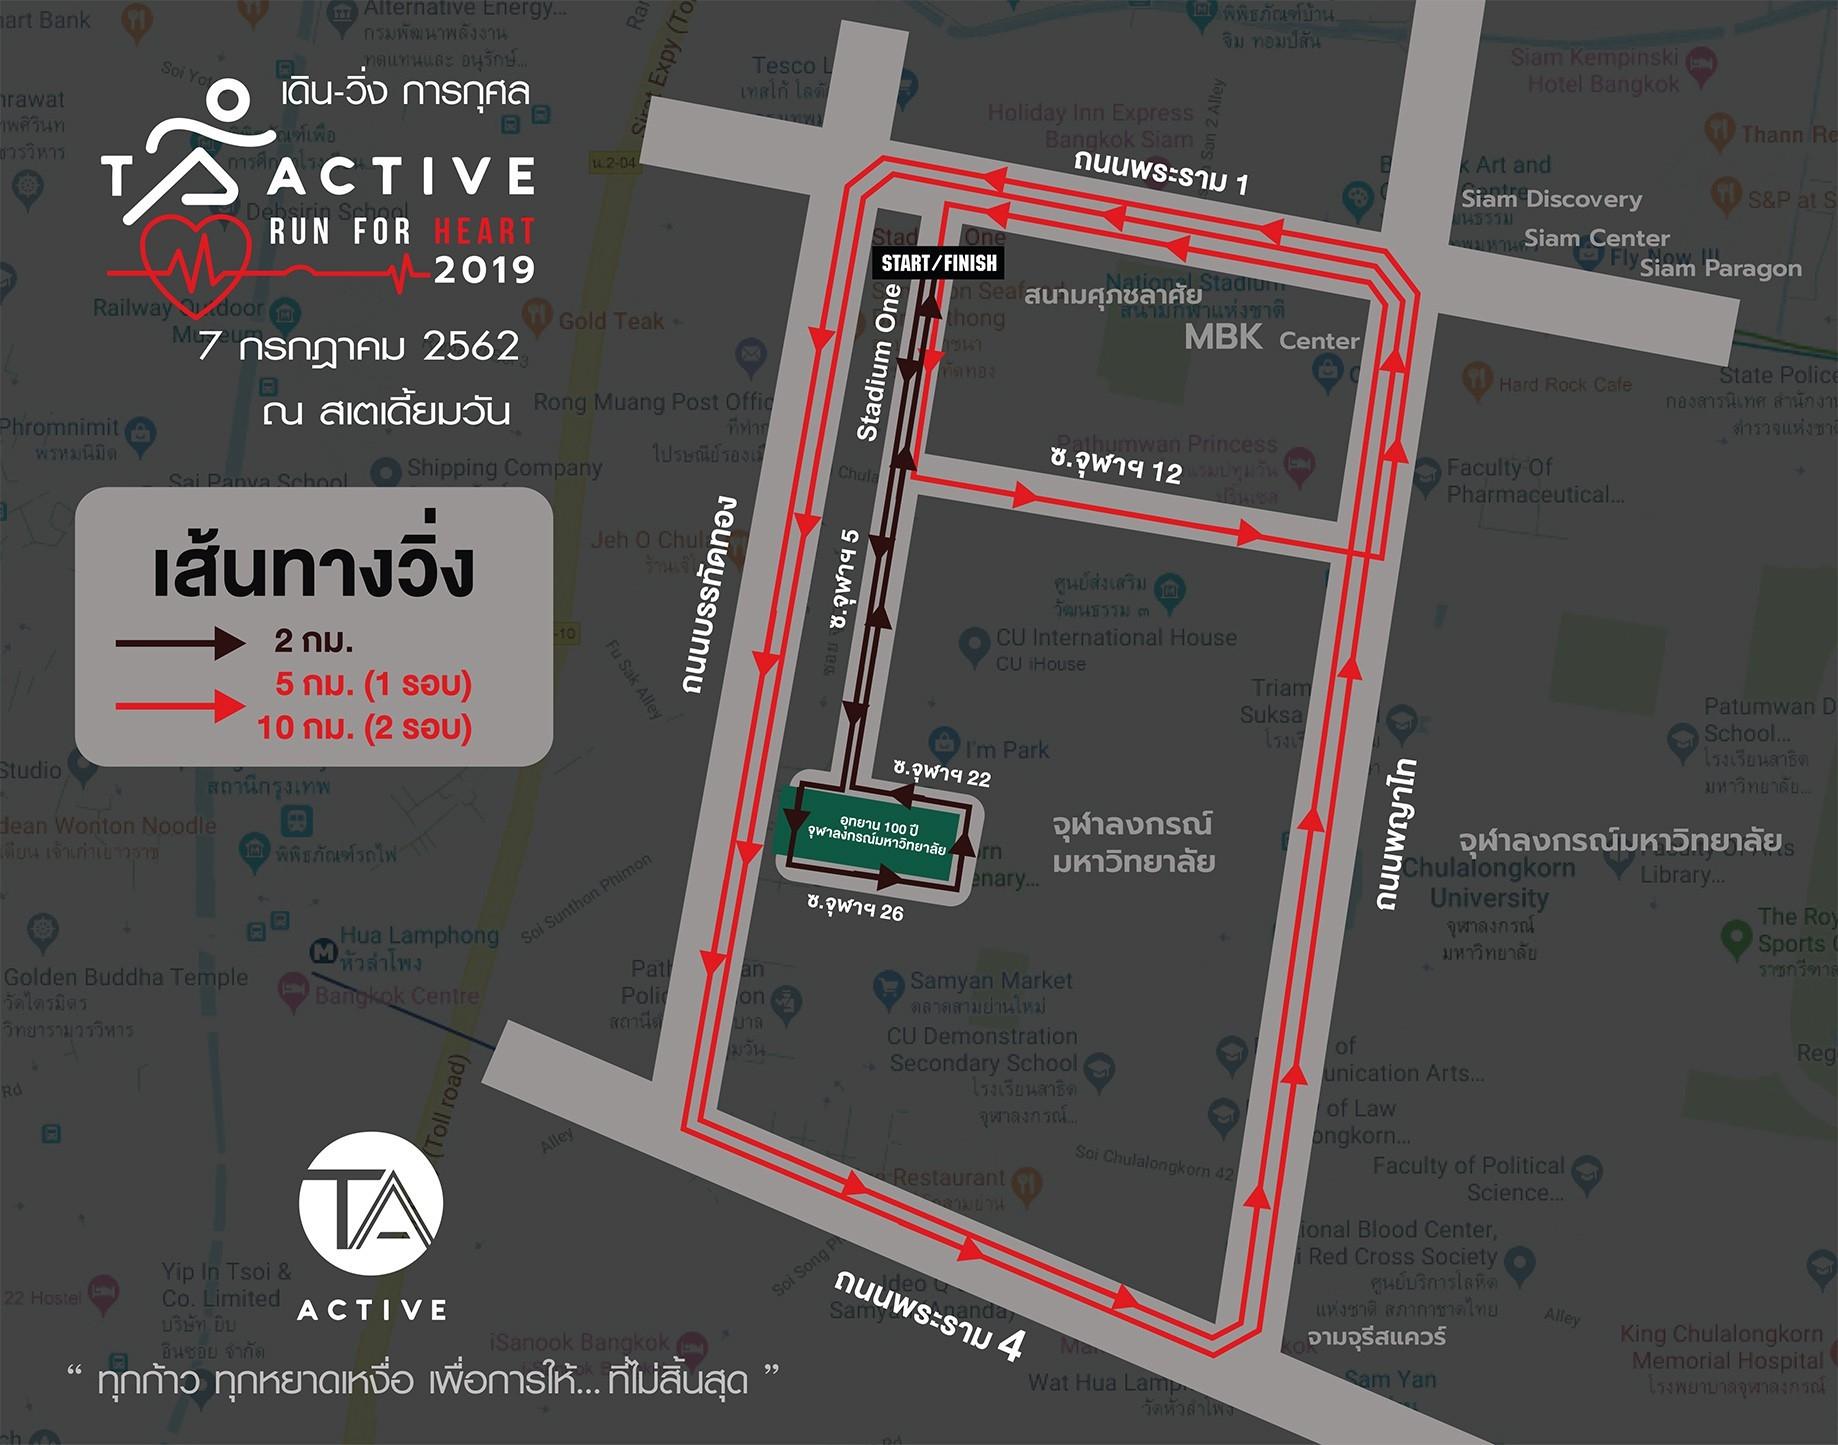 """7 ก.ค.62 เวลา 04.30-07.00น. กิจกรรมเดิน-วิ่งการกุศล """"TA ACTIVE RUN FOR HEART 2019"""""""